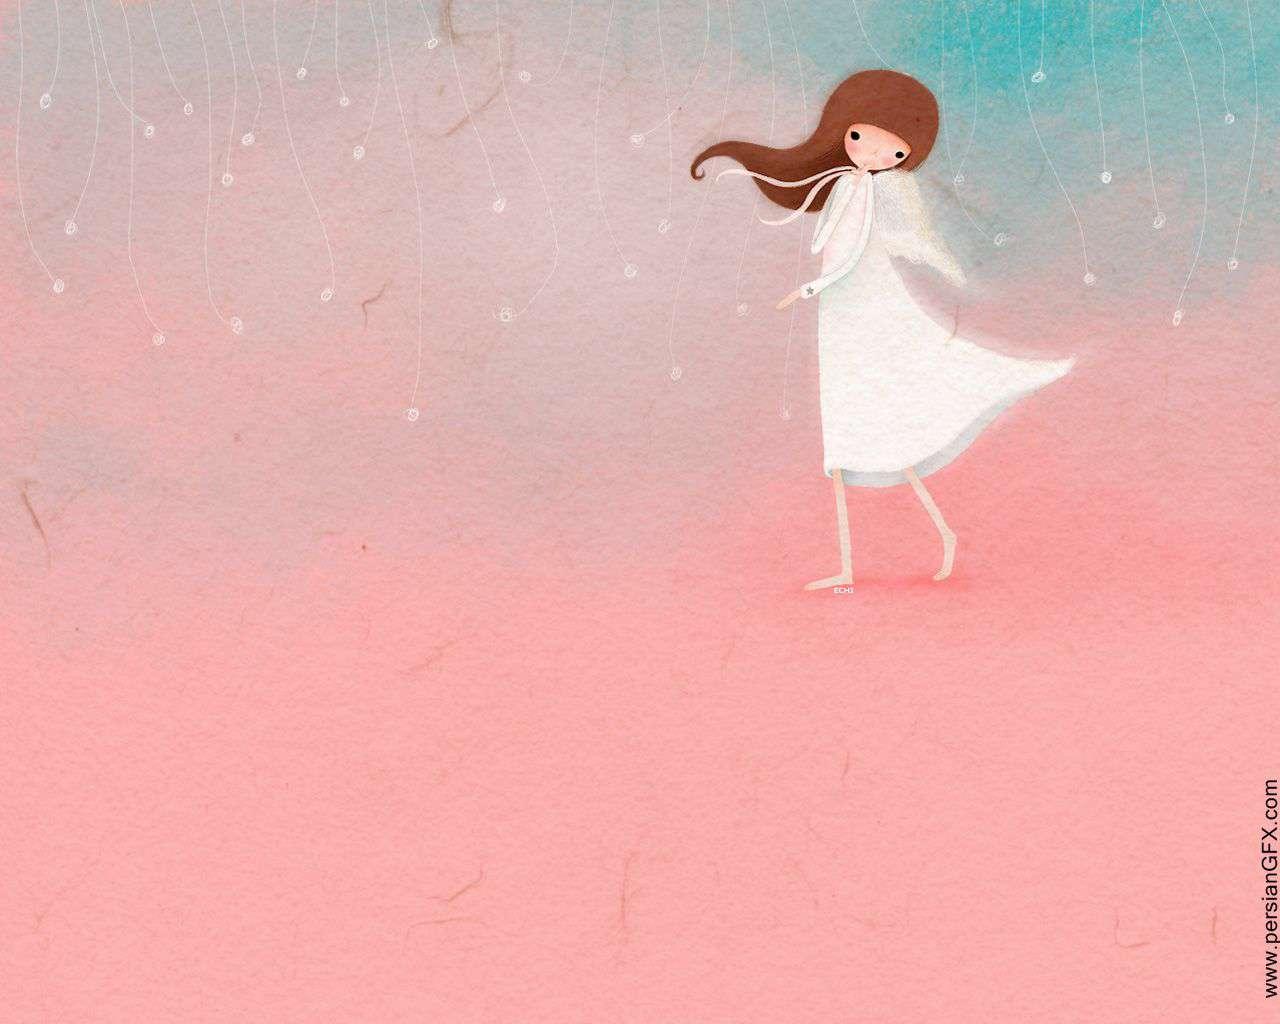 نقاشی کودکانه در مورد فرشته ها